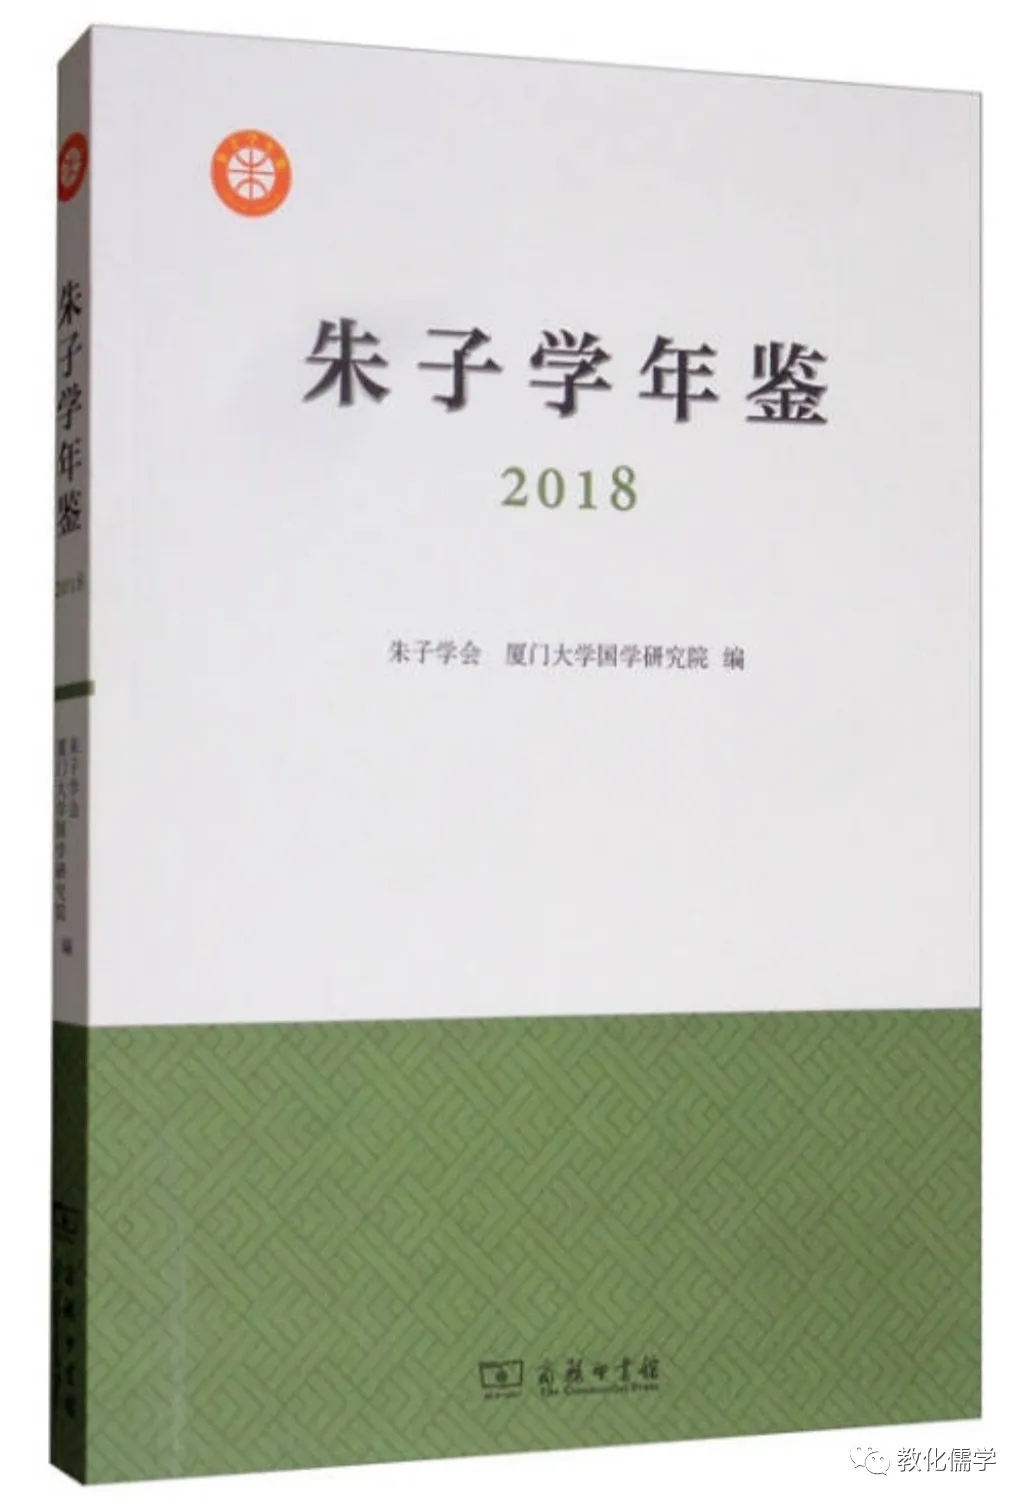 【新著】《朱子学年鉴2018》出版(附编者说明、目录)(图)